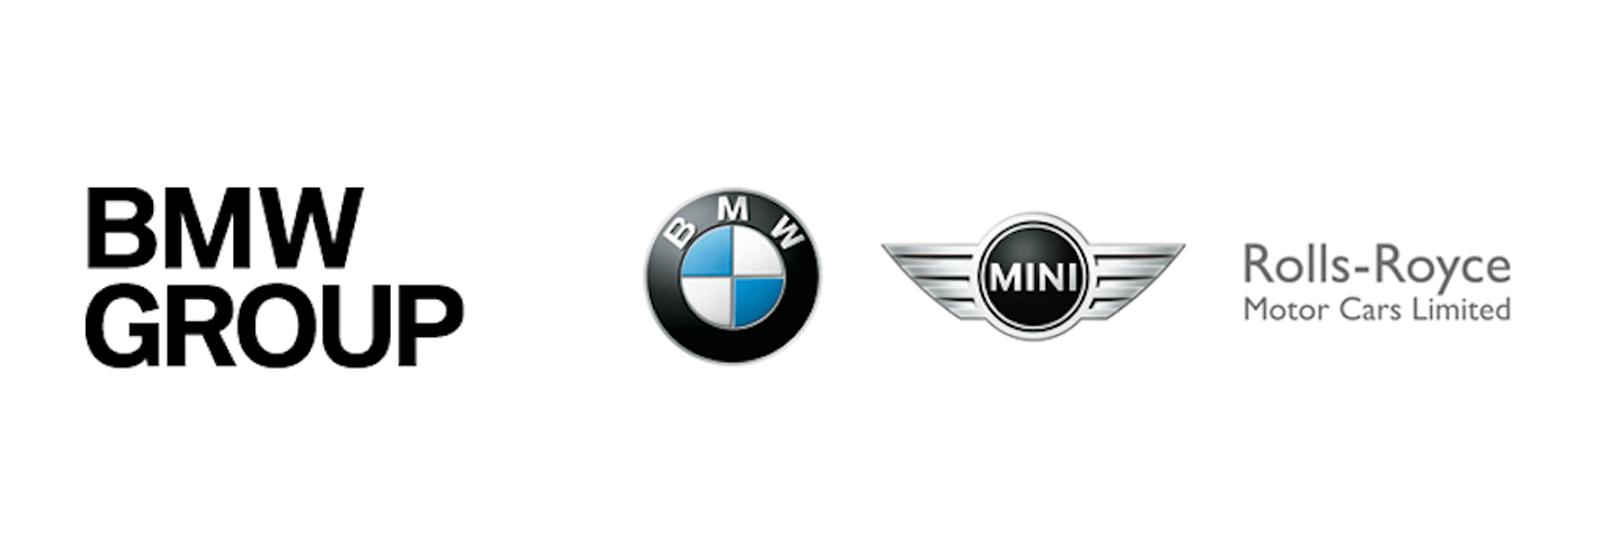 Marcas de coches bmw-group